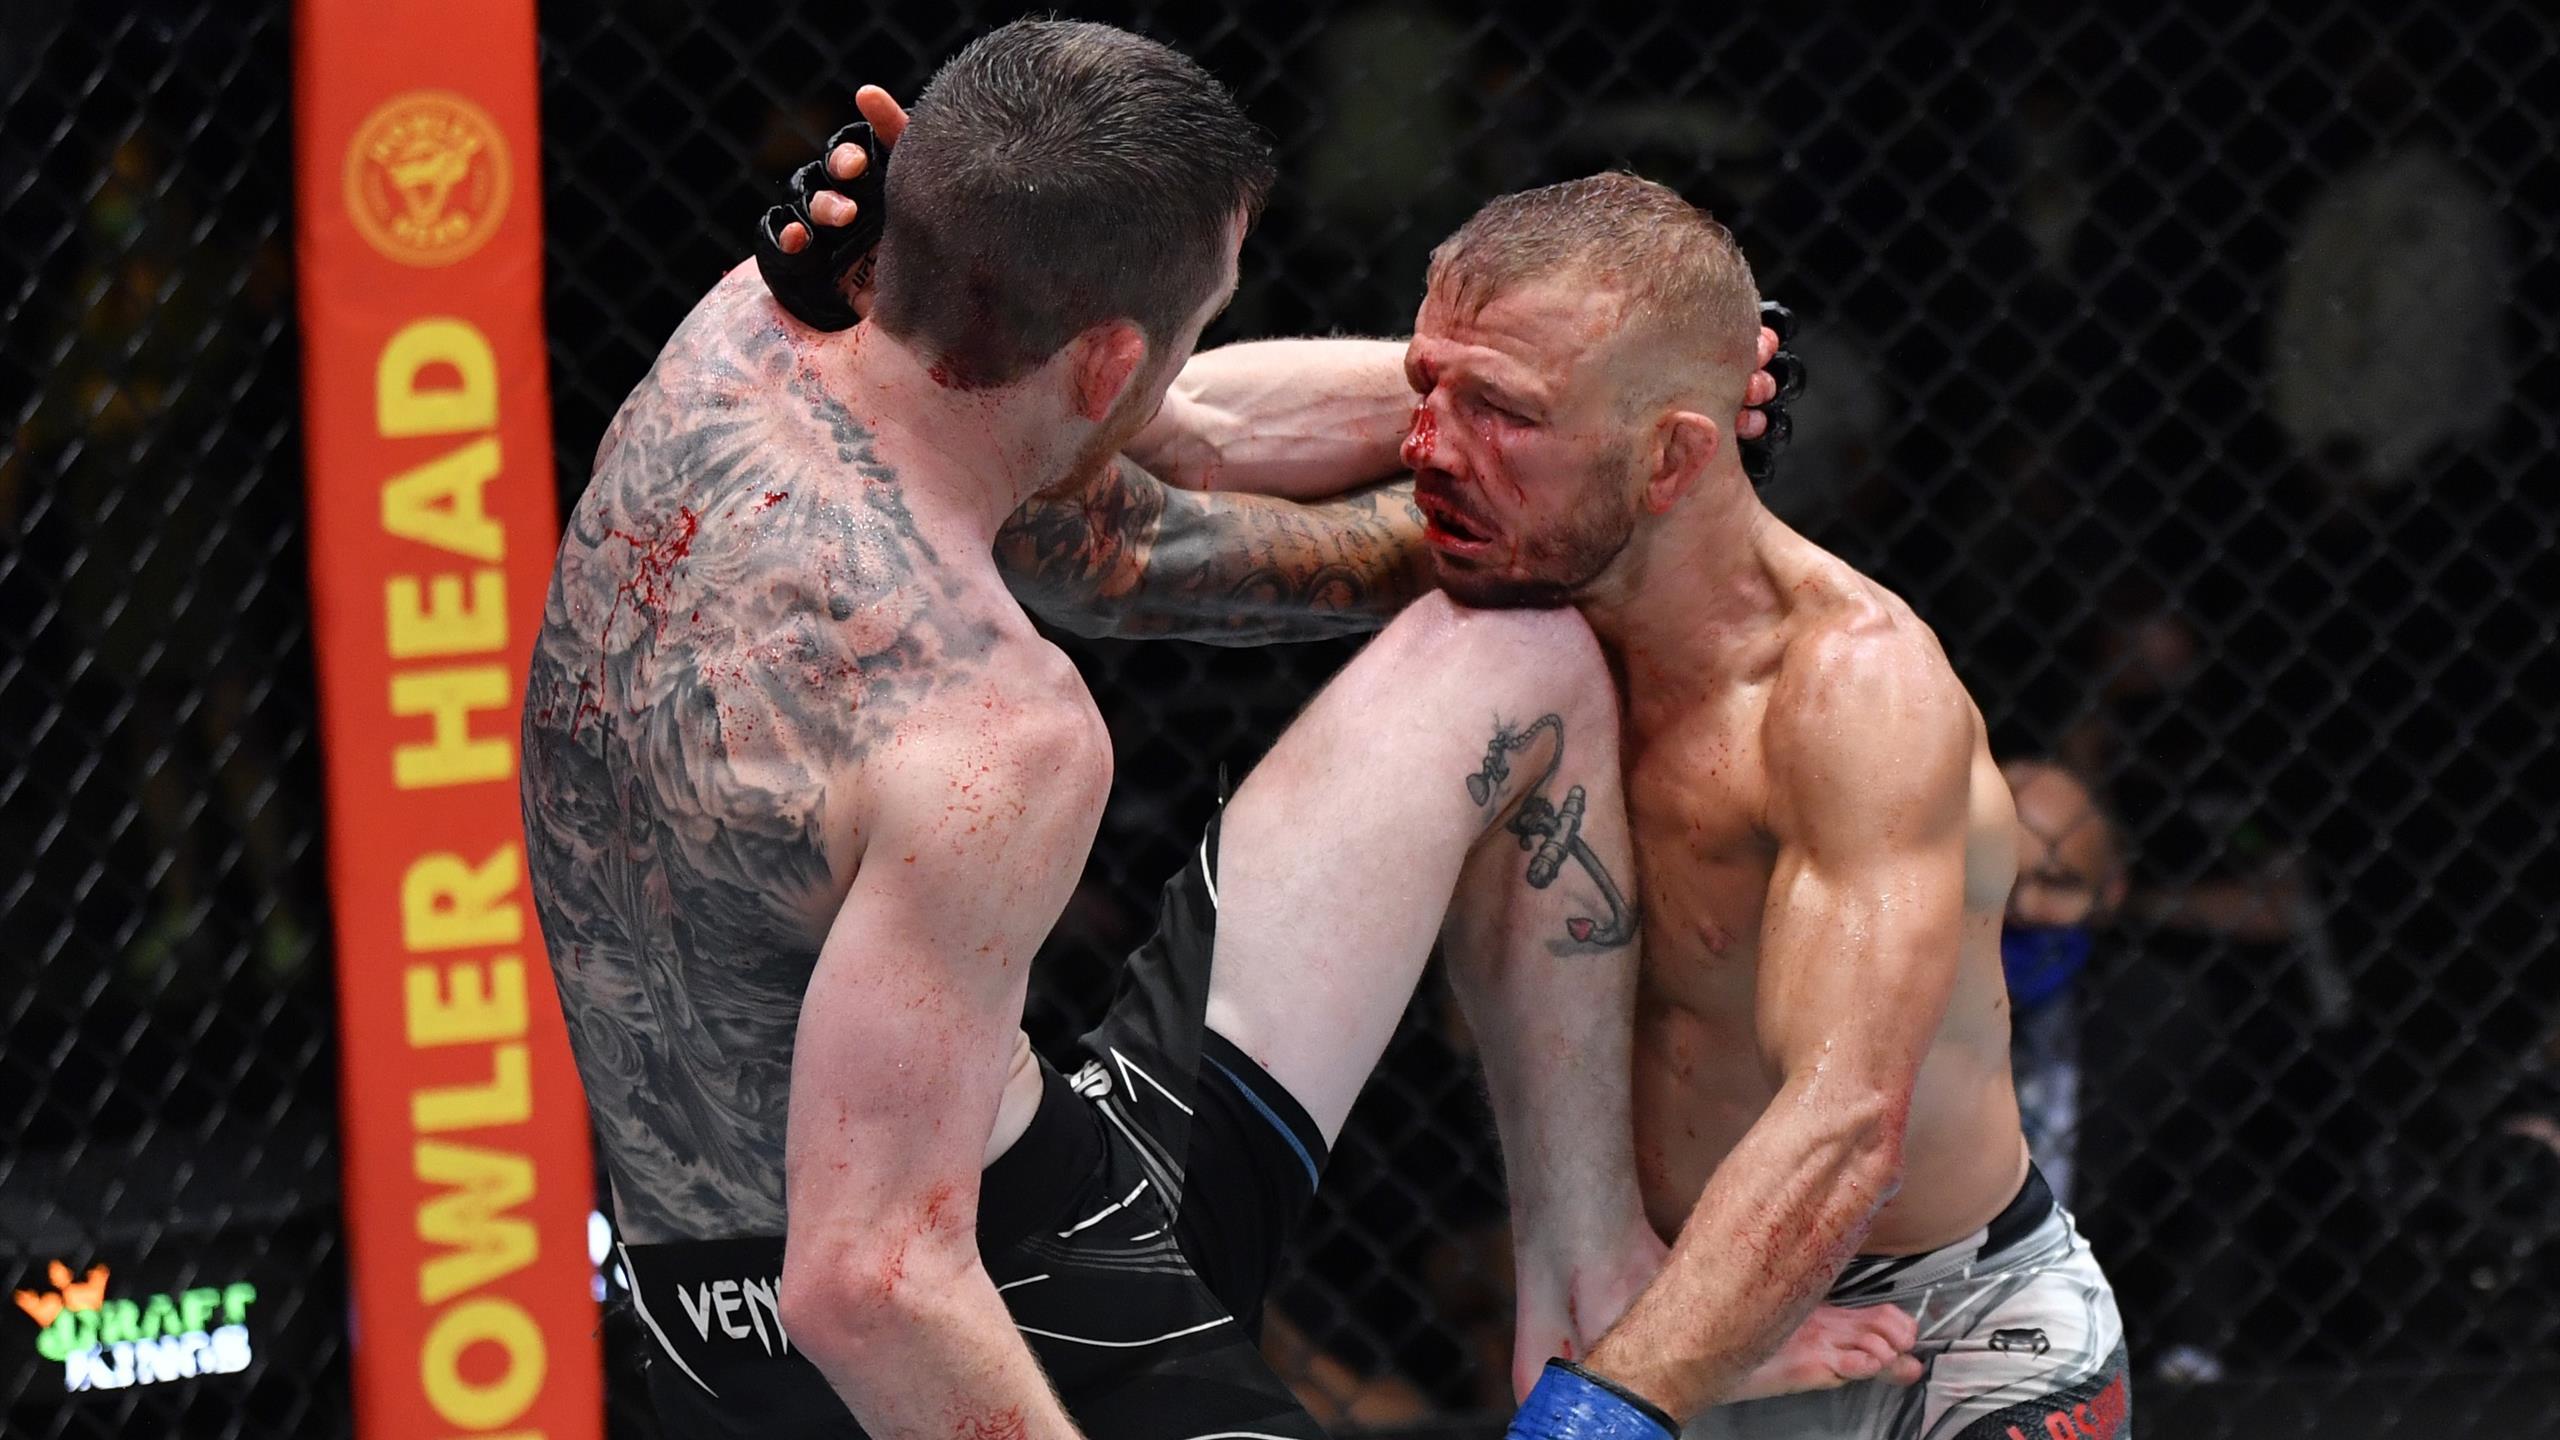 Камбэк Диллашоу и смачный нокаут Арсе. Итоги UFC Vegas 32